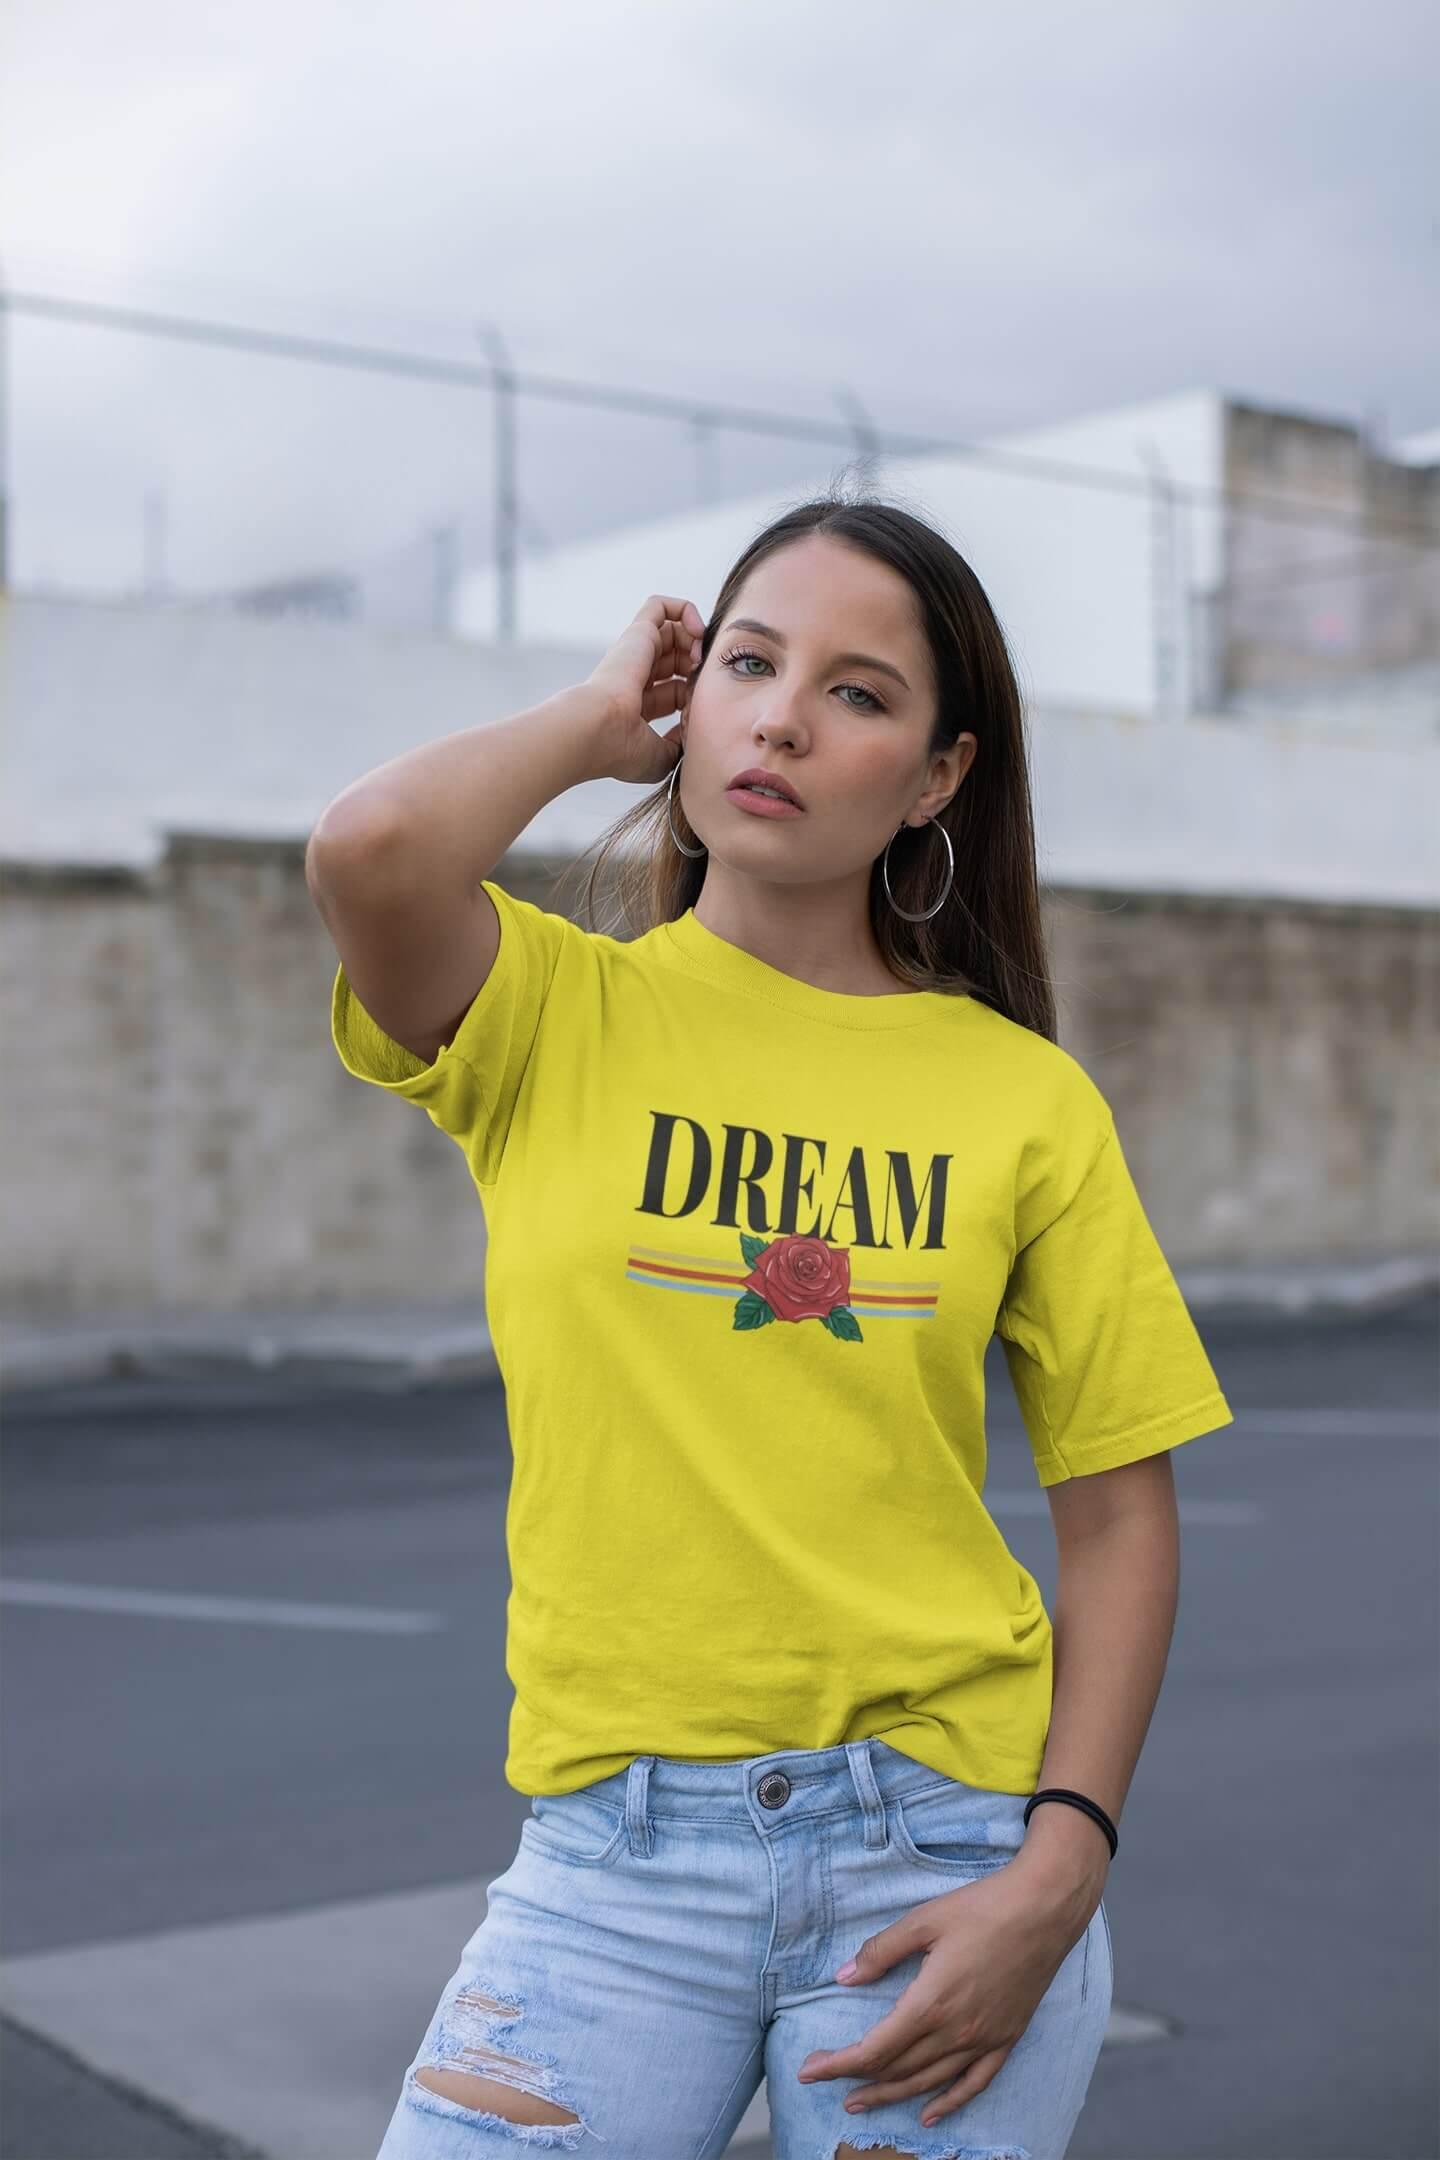 MMO Dámske tričko Dream Vyberte farbu: Citrónová, Vyberte veľkosť: M